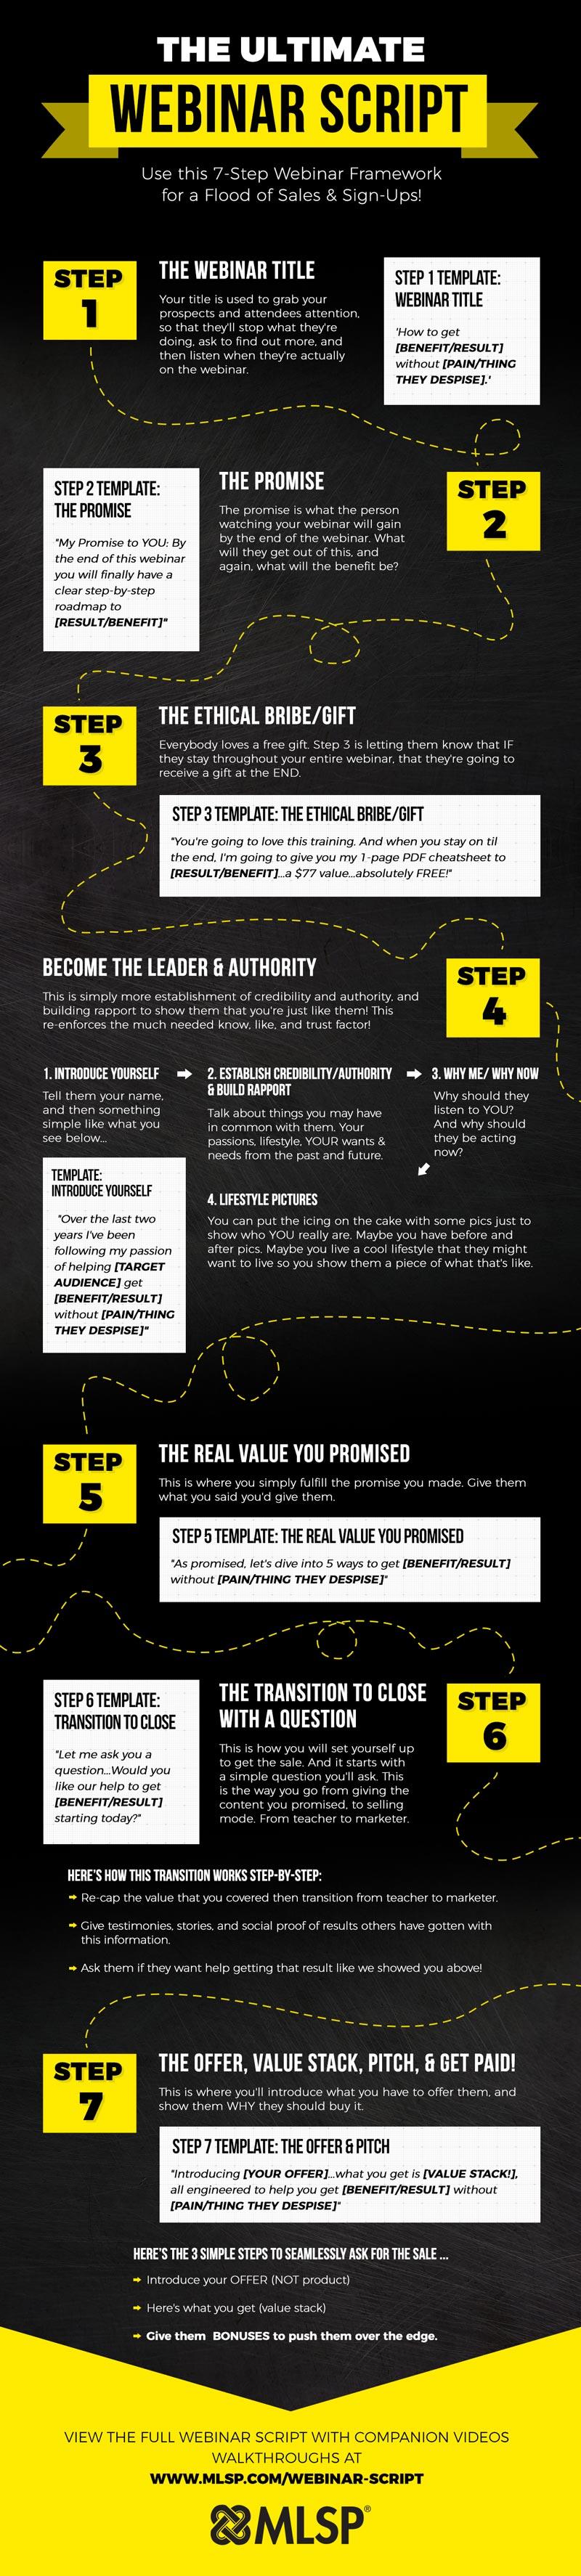 Webinar Script Infographic - MLSP